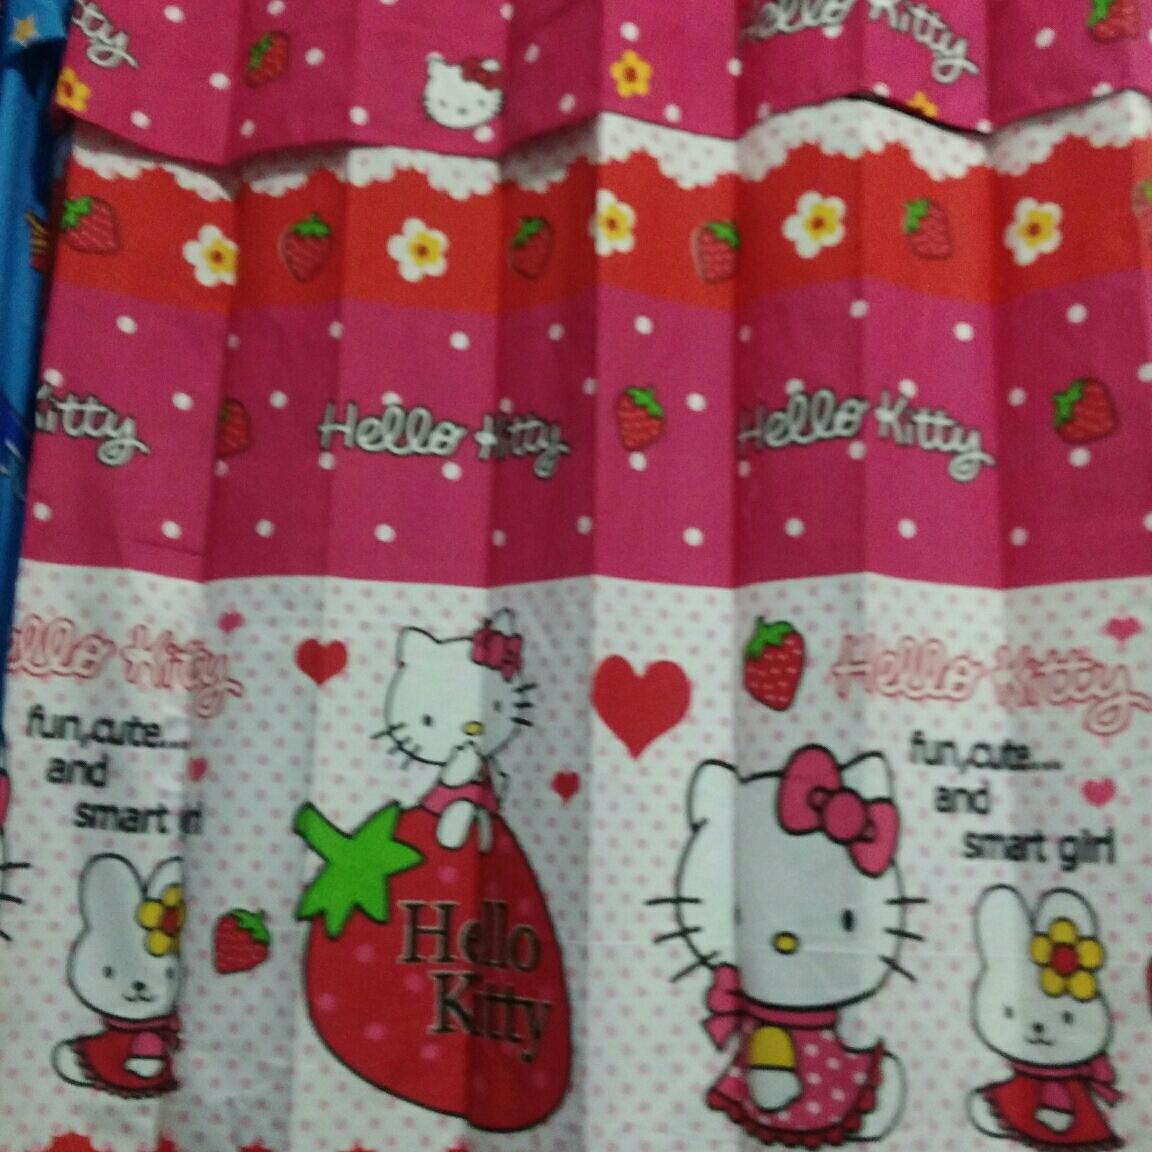 ... Gorden Pintu Jendela Minimalis Karater Hello Kitty/Gordyn karakter/ gorden motif Kartun Hello Kitty ...